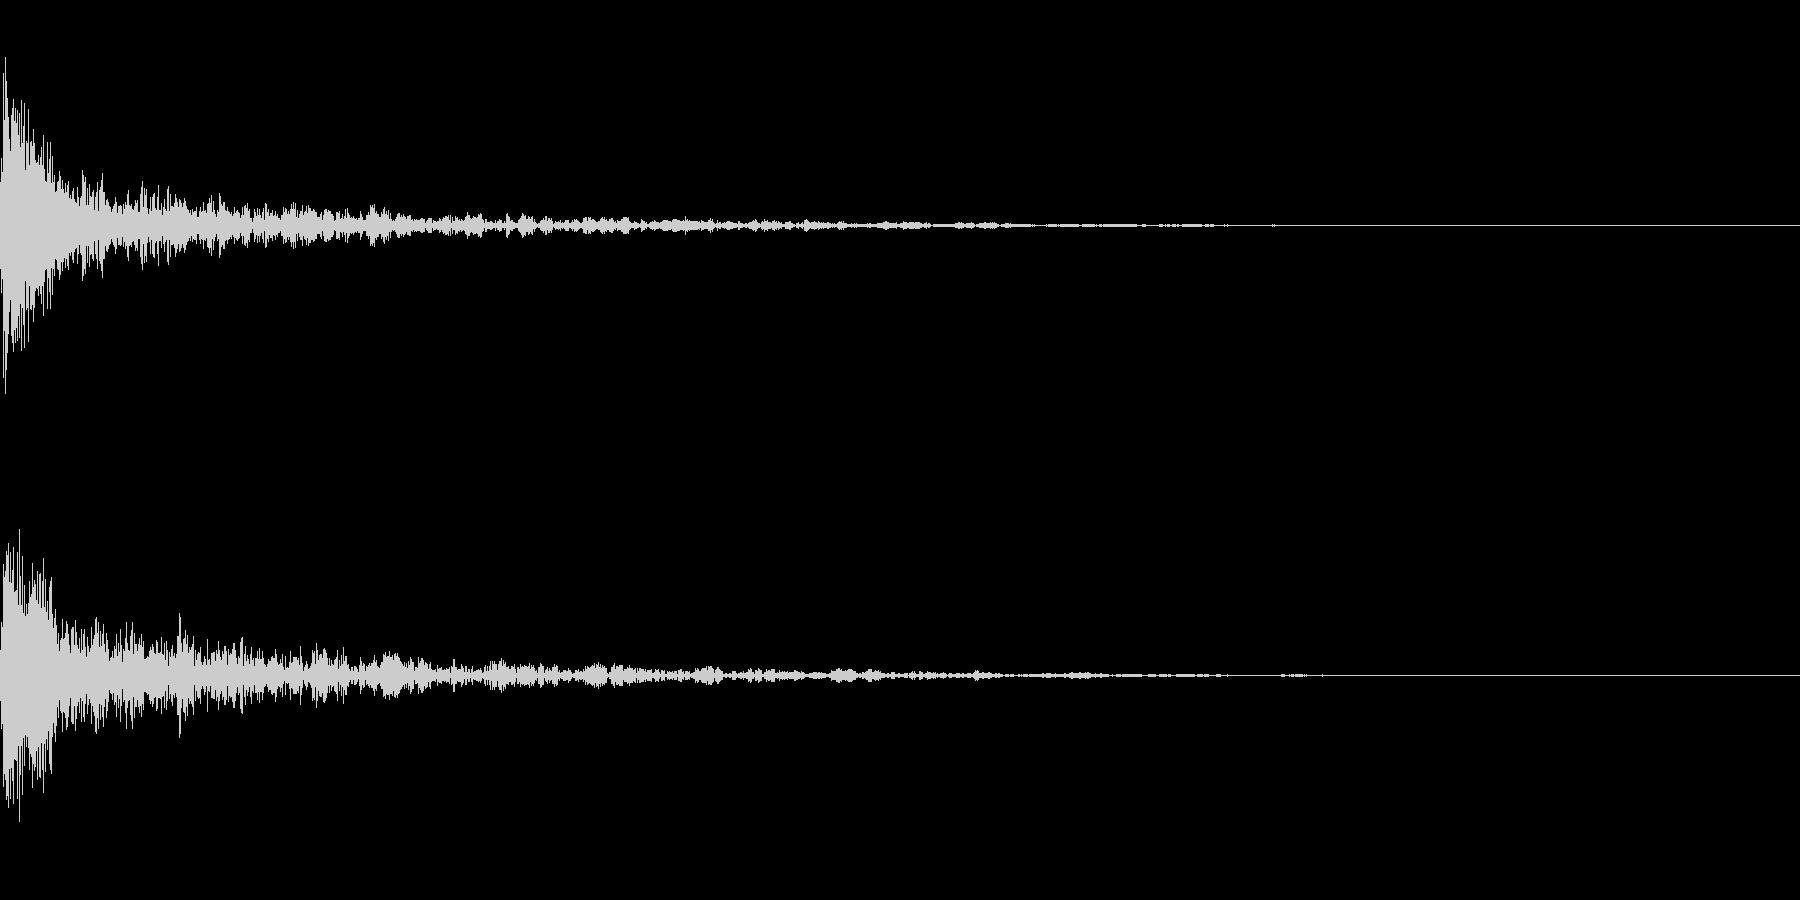 ドーン-45-1(インパクト音)の未再生の波形